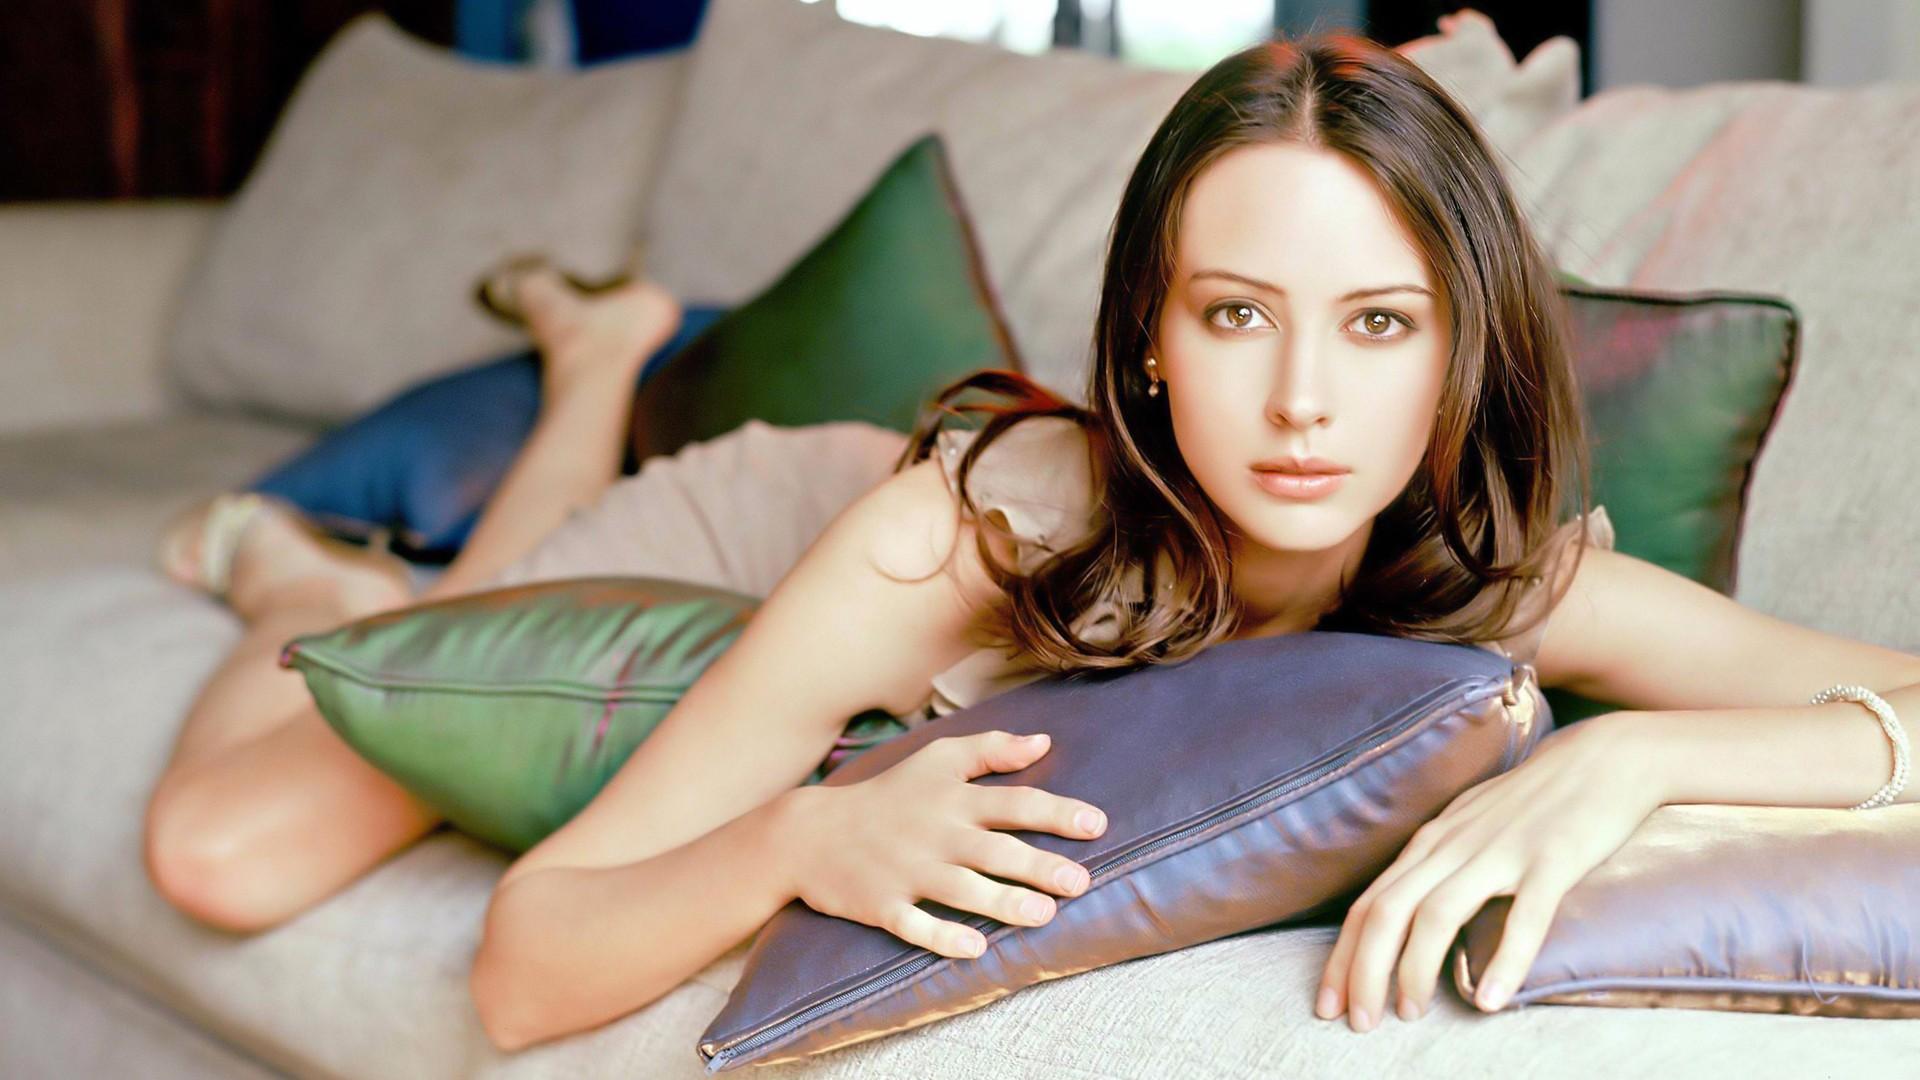 Amy Acker Nackt hintergrundbilder : frau, modell-, augen, lange haare